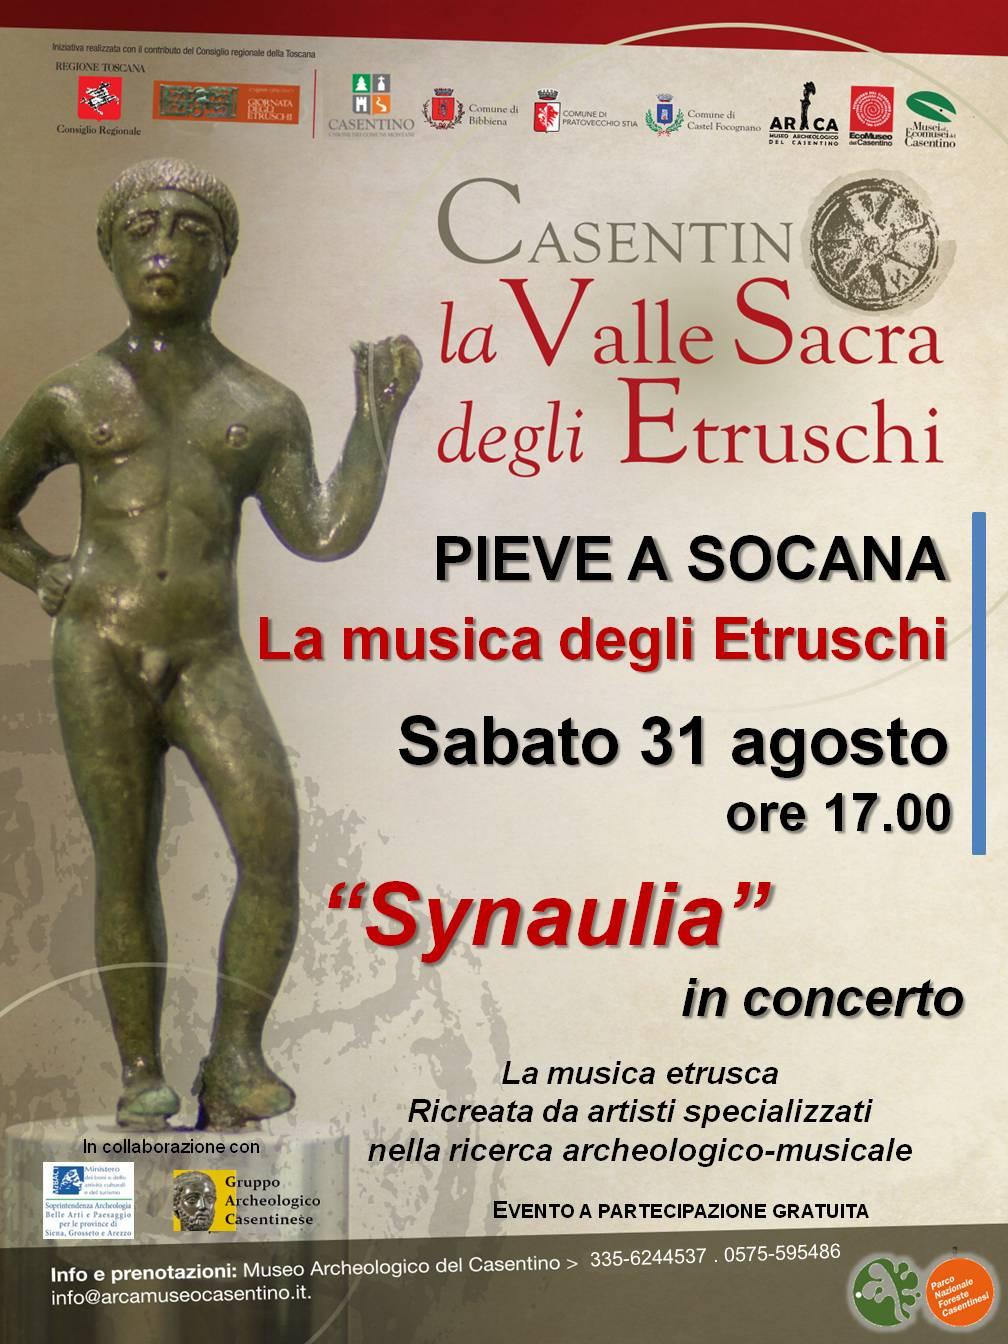 La musica degli Etruschi